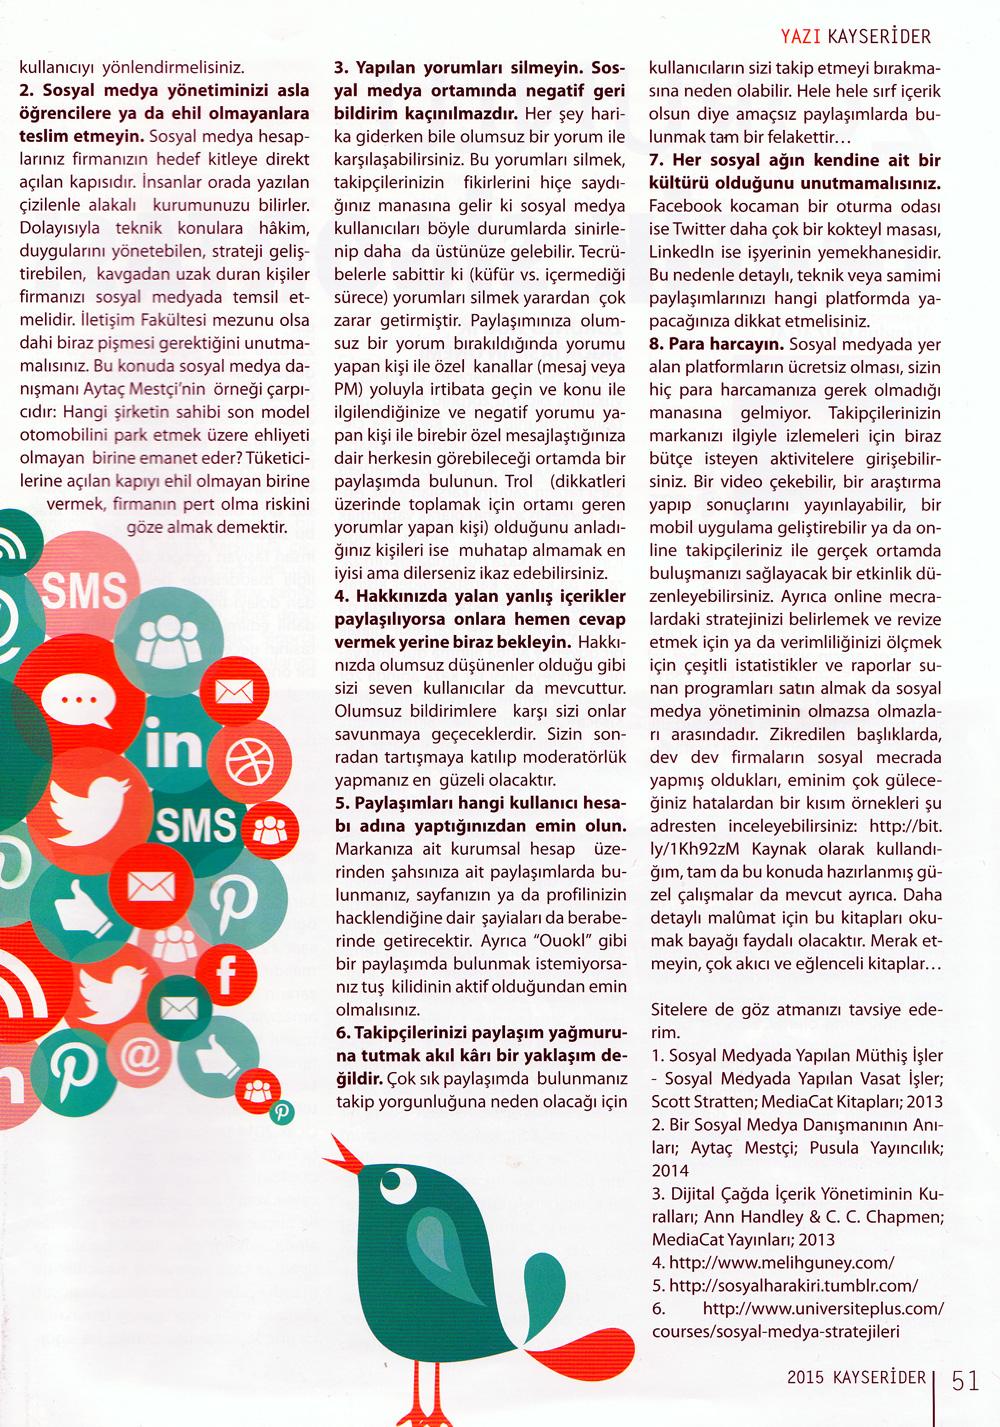 Sosyal Medya Yönetiminde Sıklıkla Yapılan Hatalar ve Kobilere Tavsiyeler